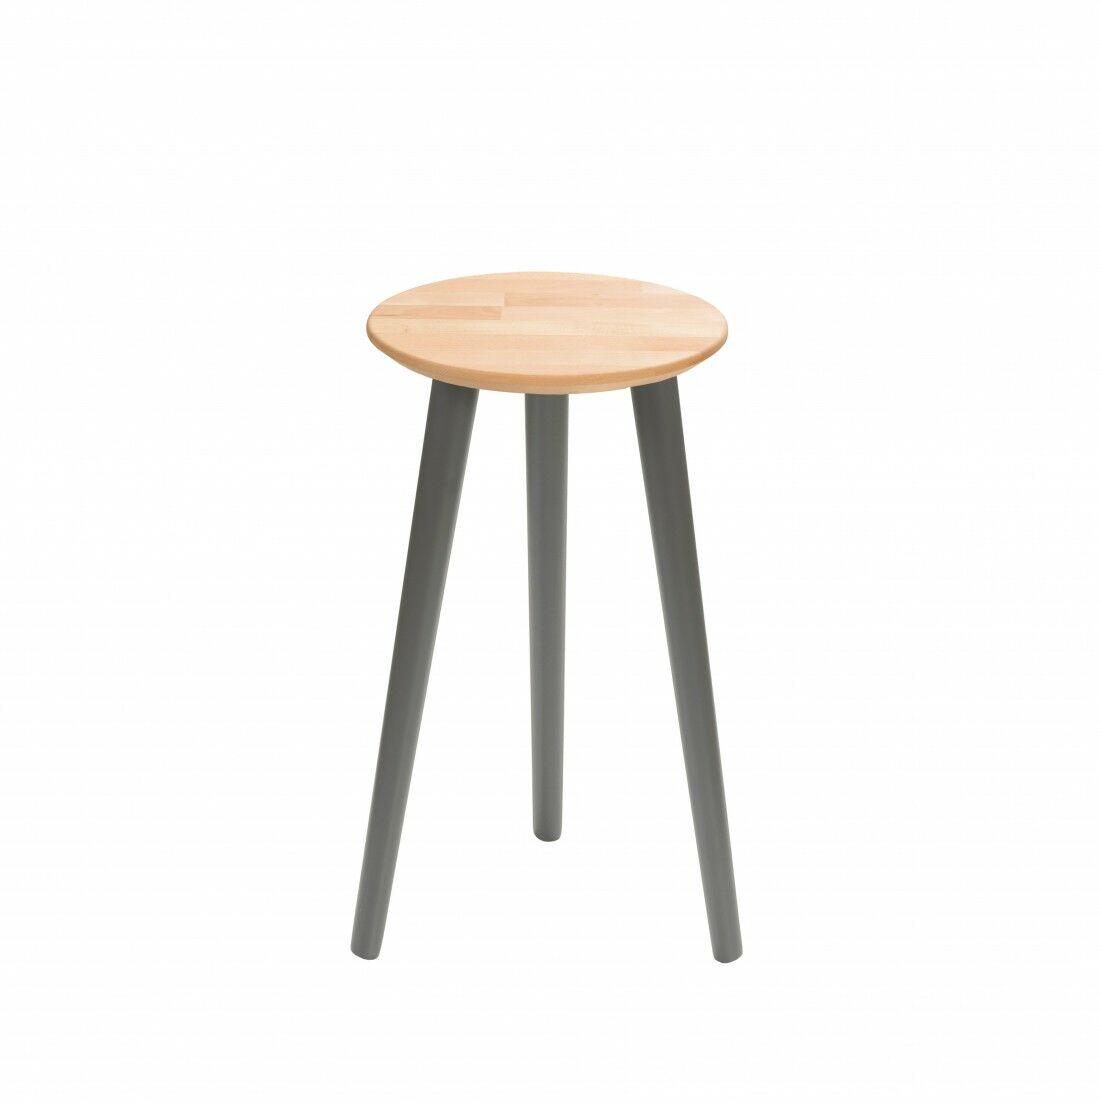 Taboret drewniany okrągły z litego buka Olejowany buk - Natural, Wykończenie nogi - Grafit, Wysokość - 540, Wymiar siedziska (Średnica) - 300